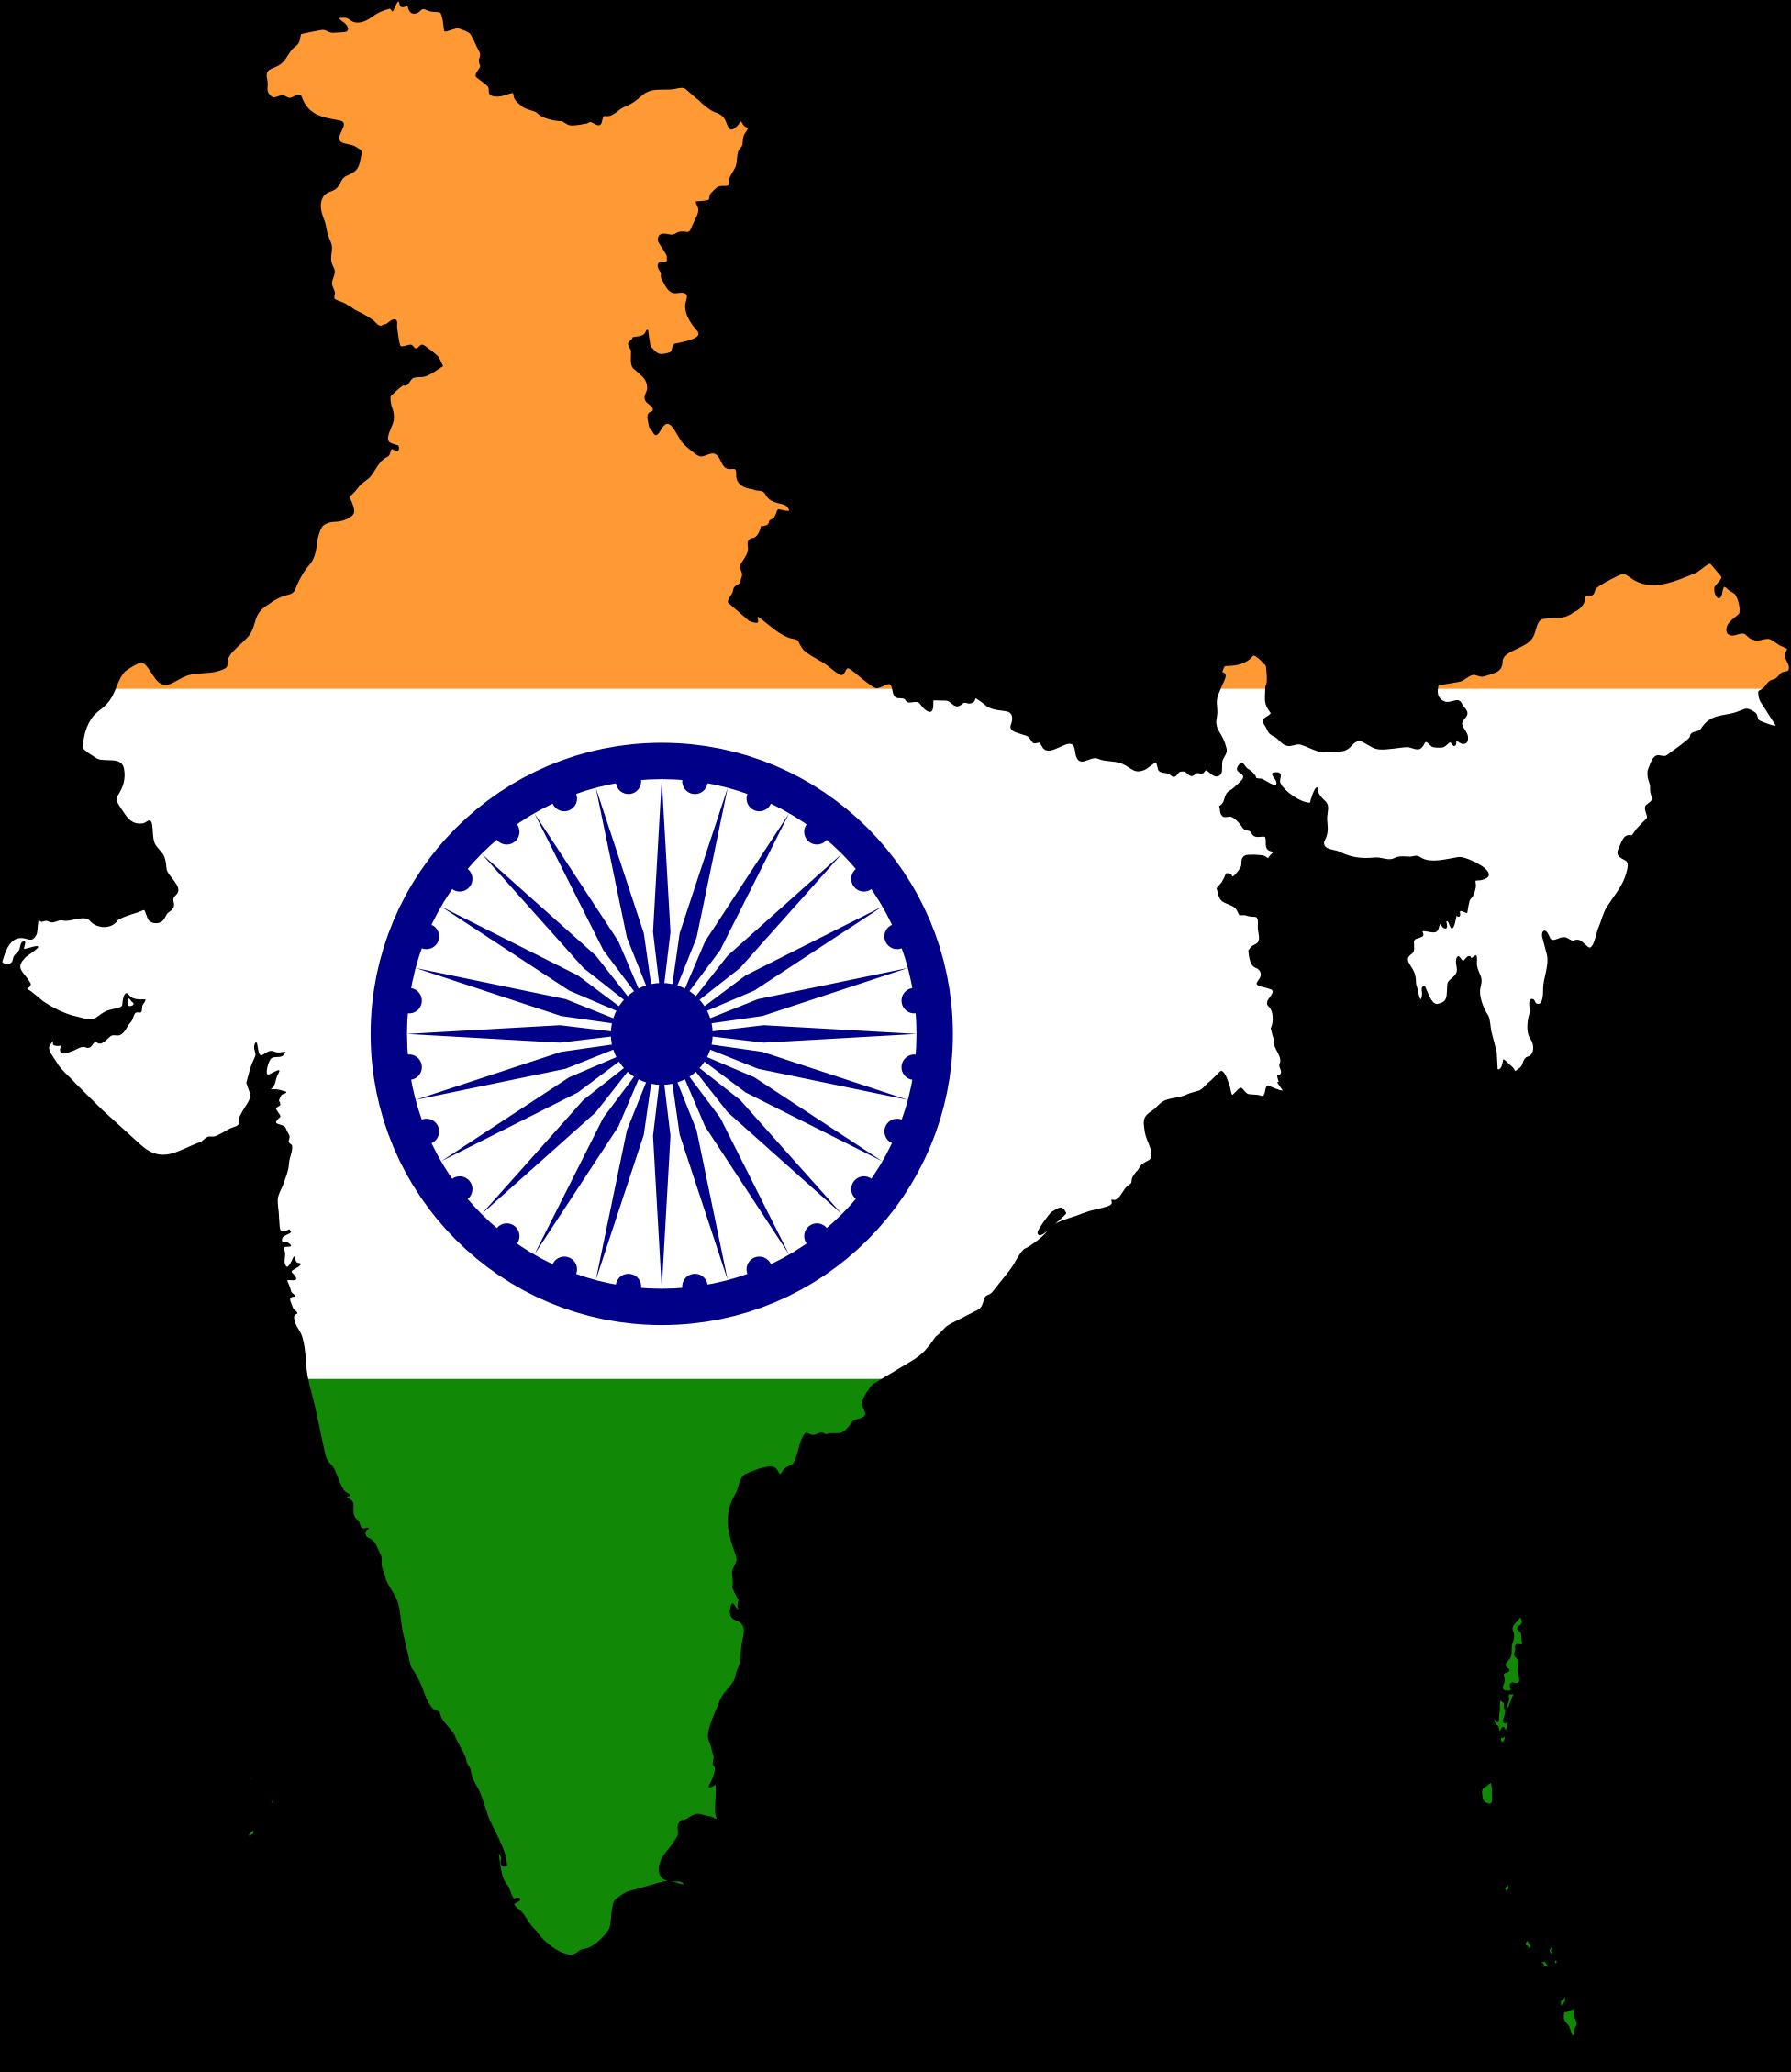 Future clipart future job. India map flag with